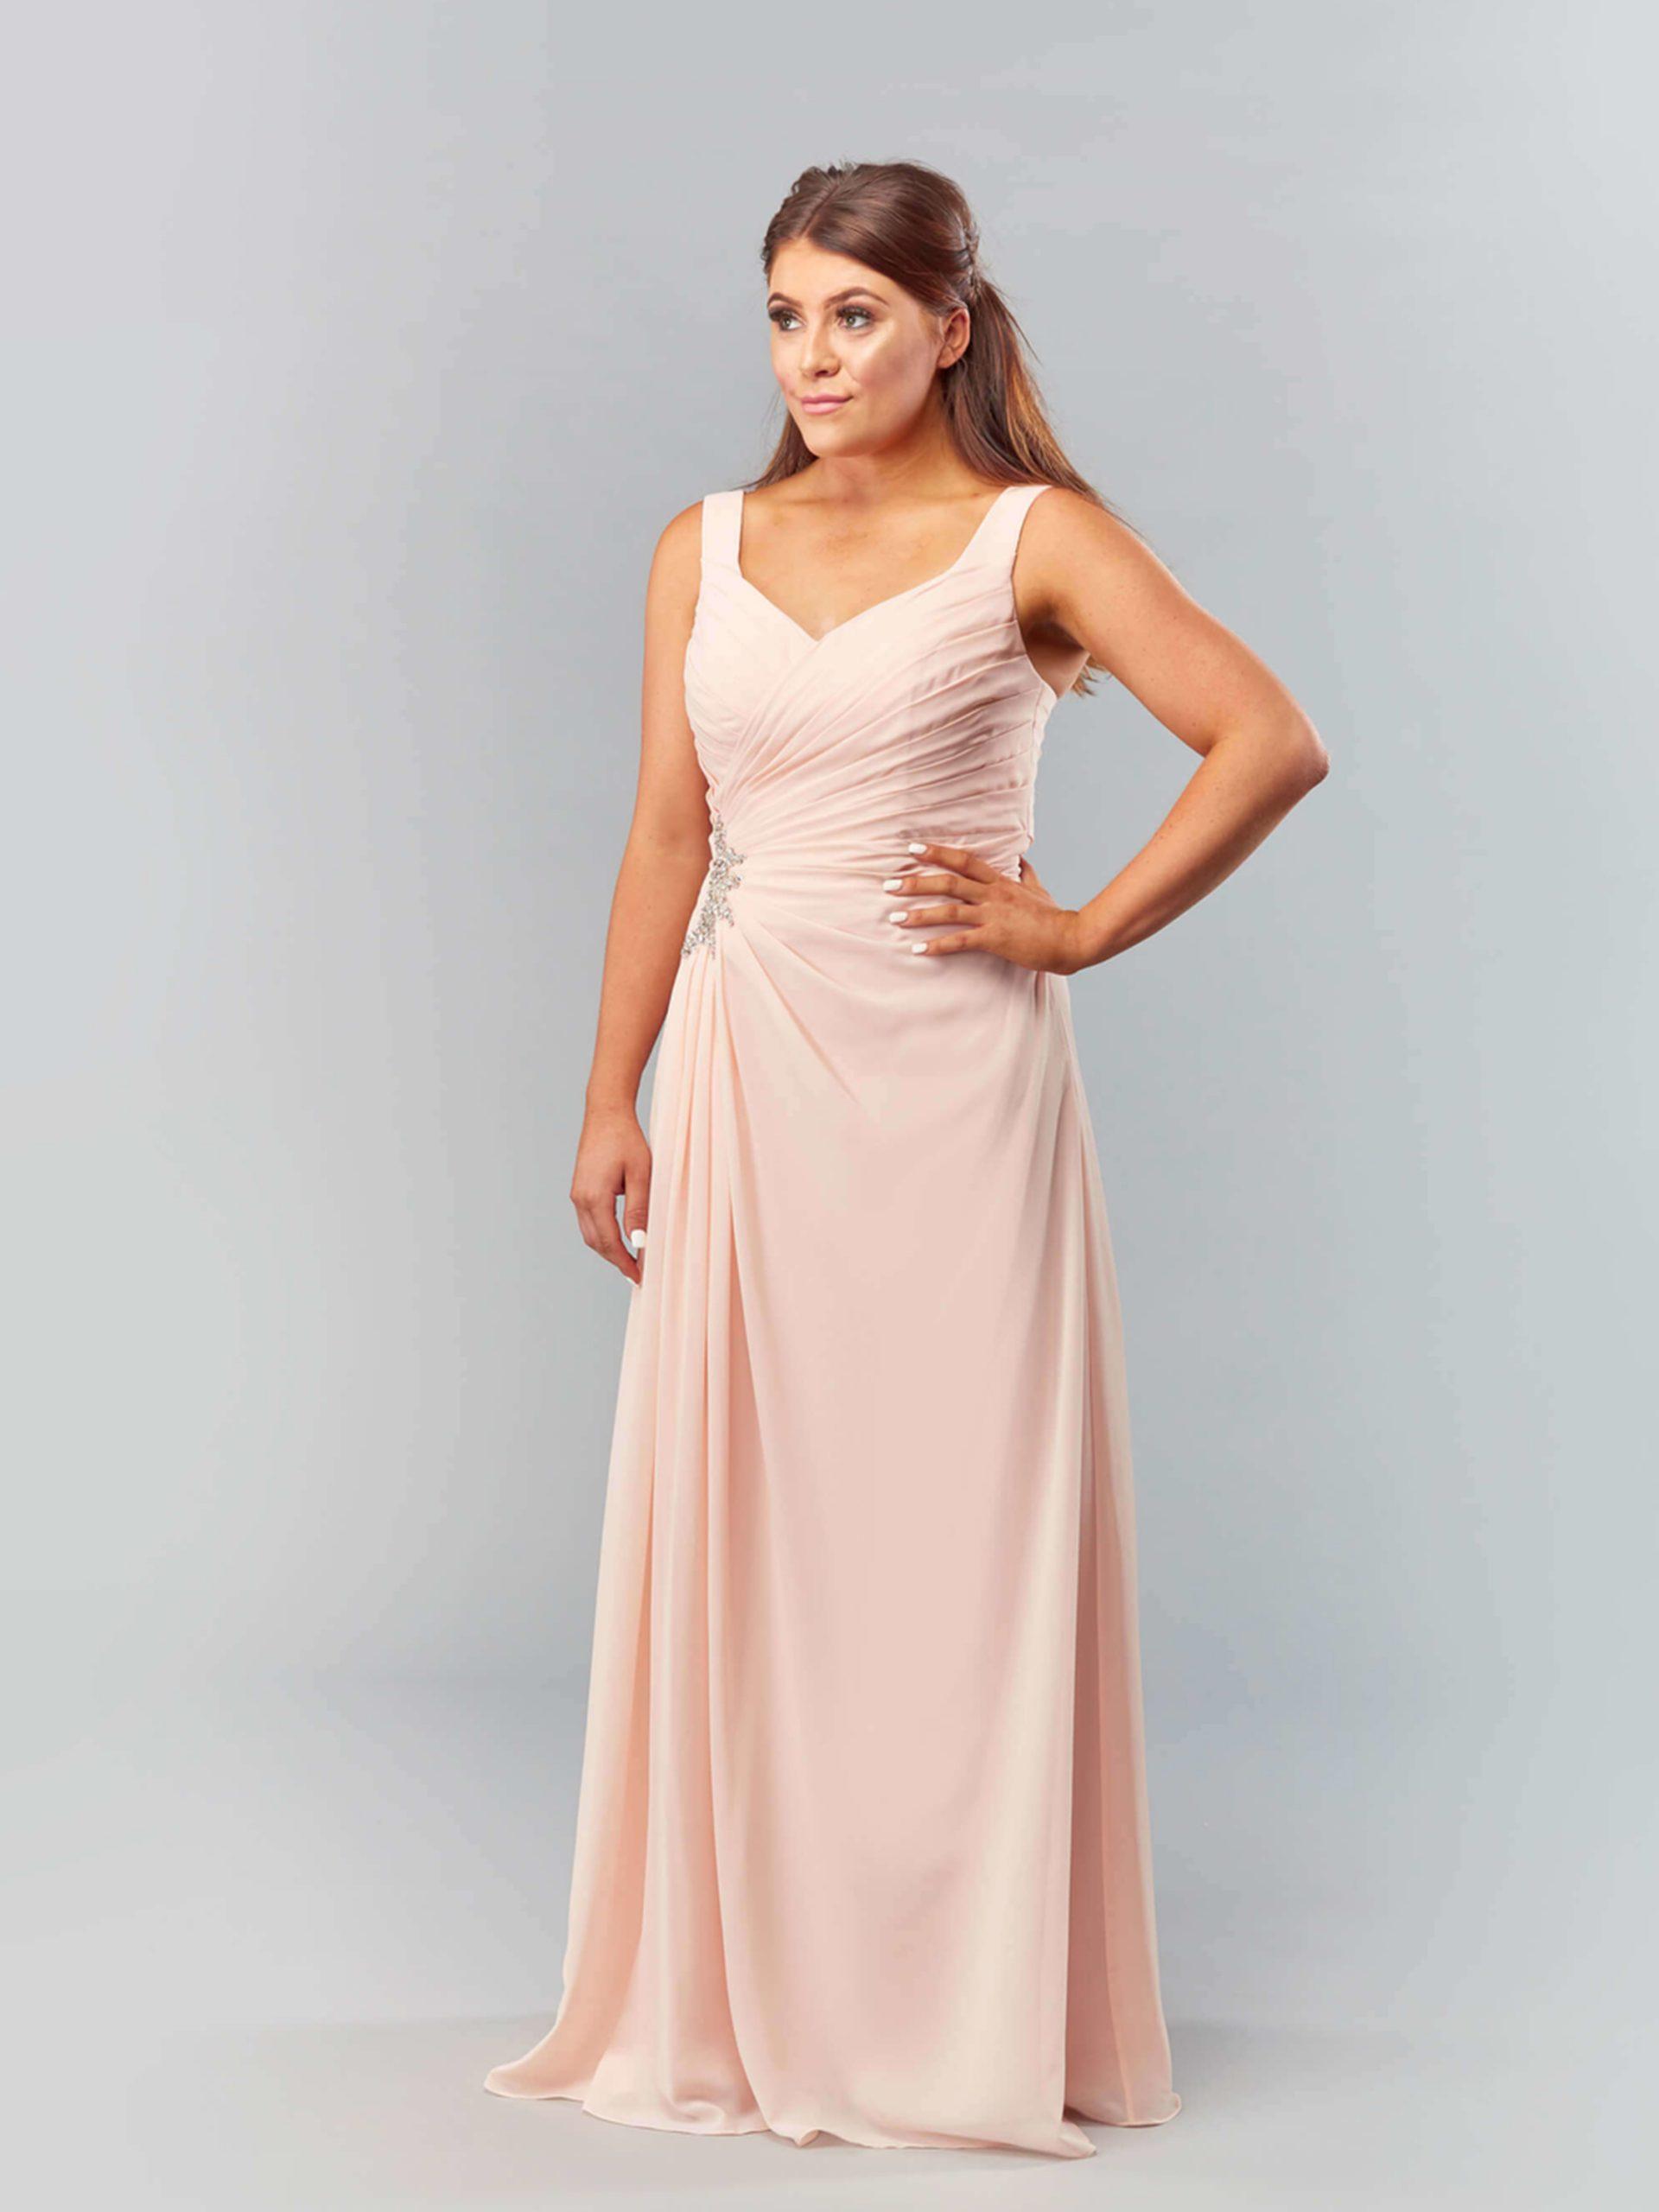 MAB05-blush chiffon bridesmaid dress 1